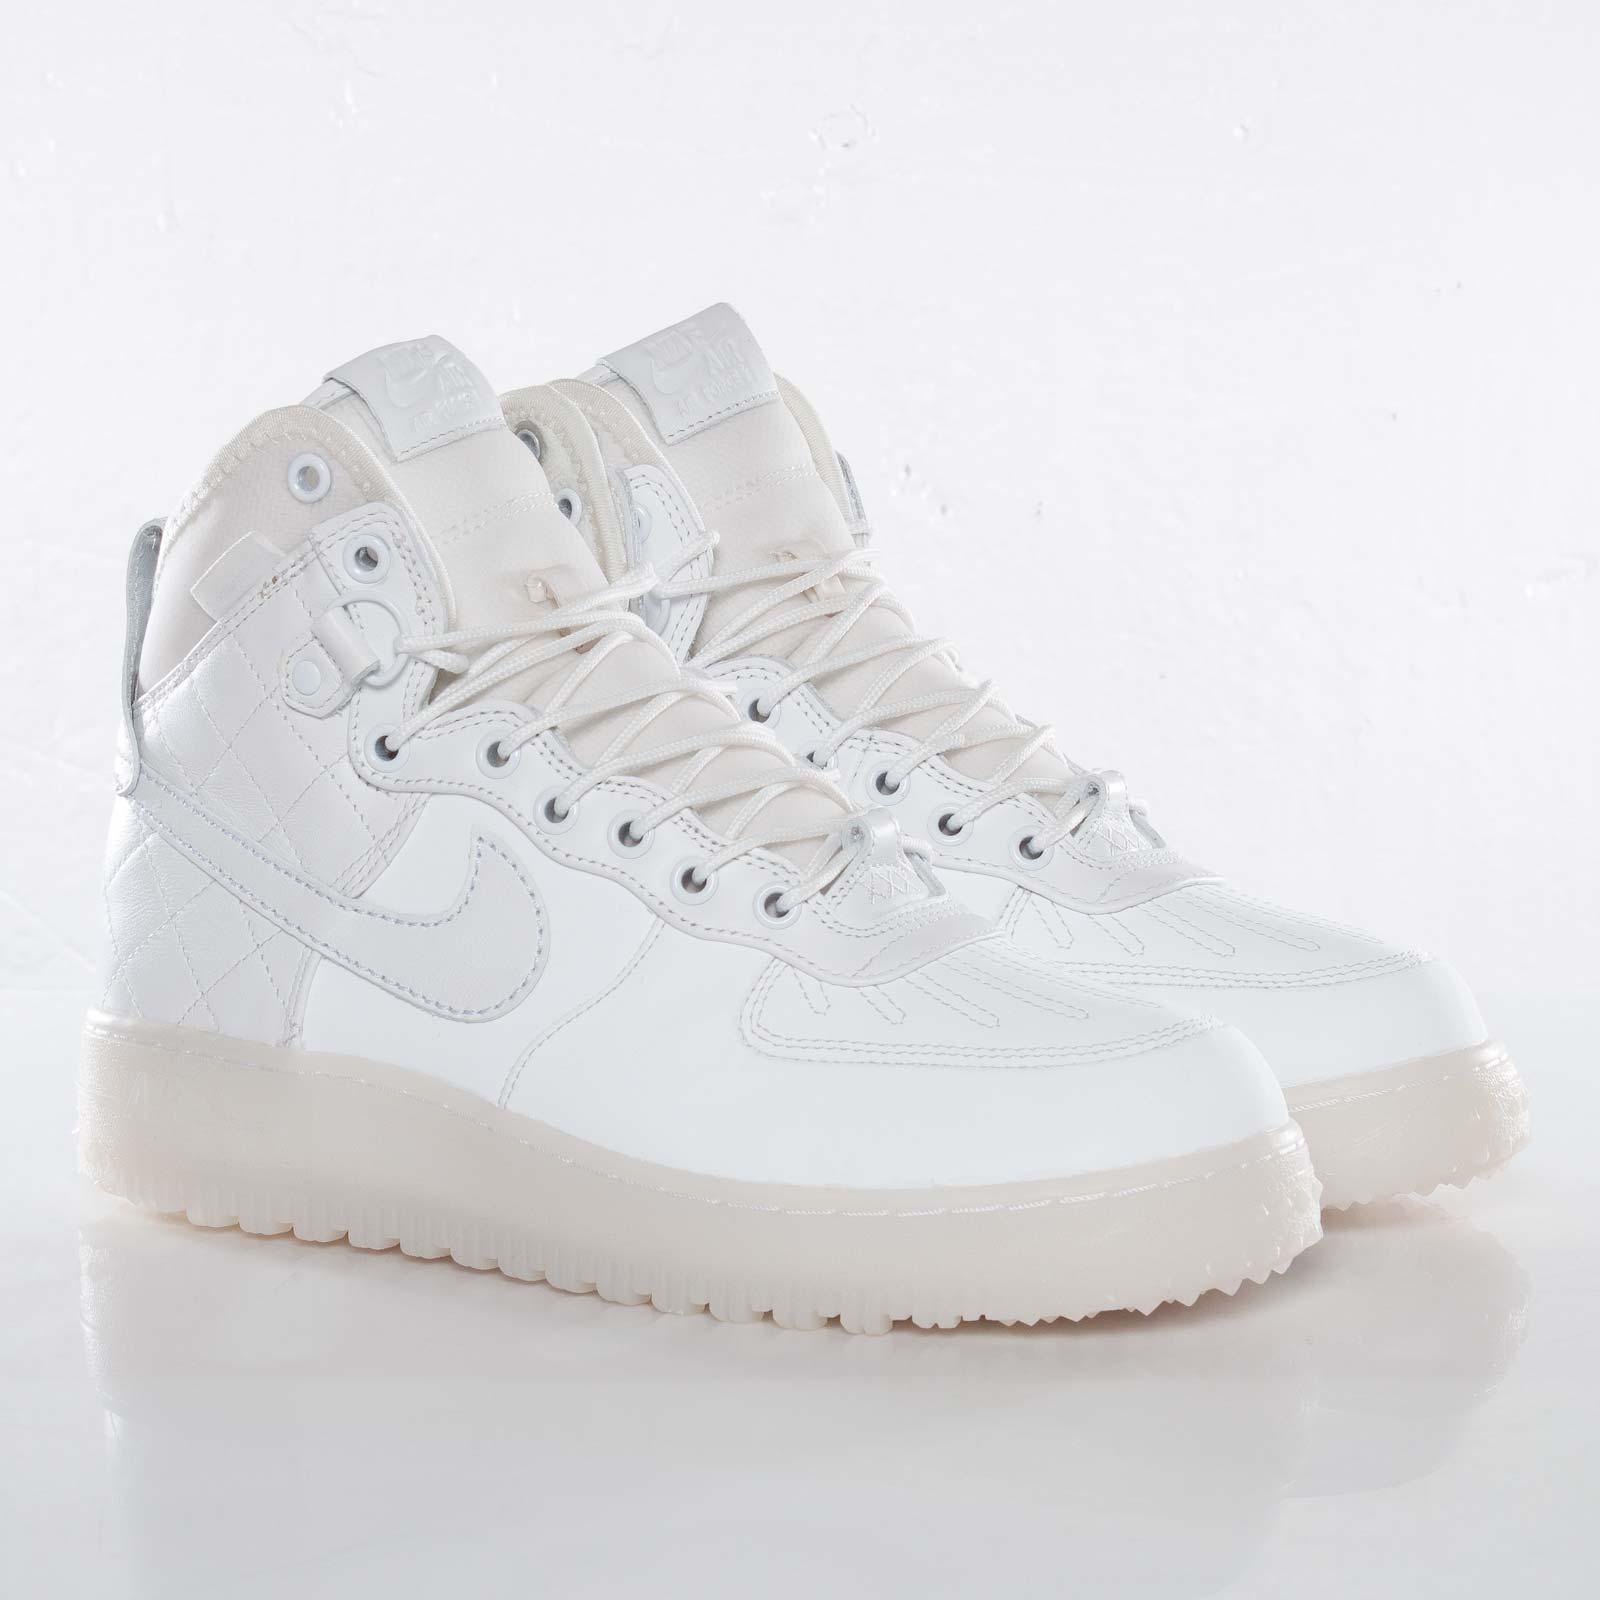 Nike Air Force 1 Duckboot QS - 573977-100 - Sneakersnstuff ... d7da77e591